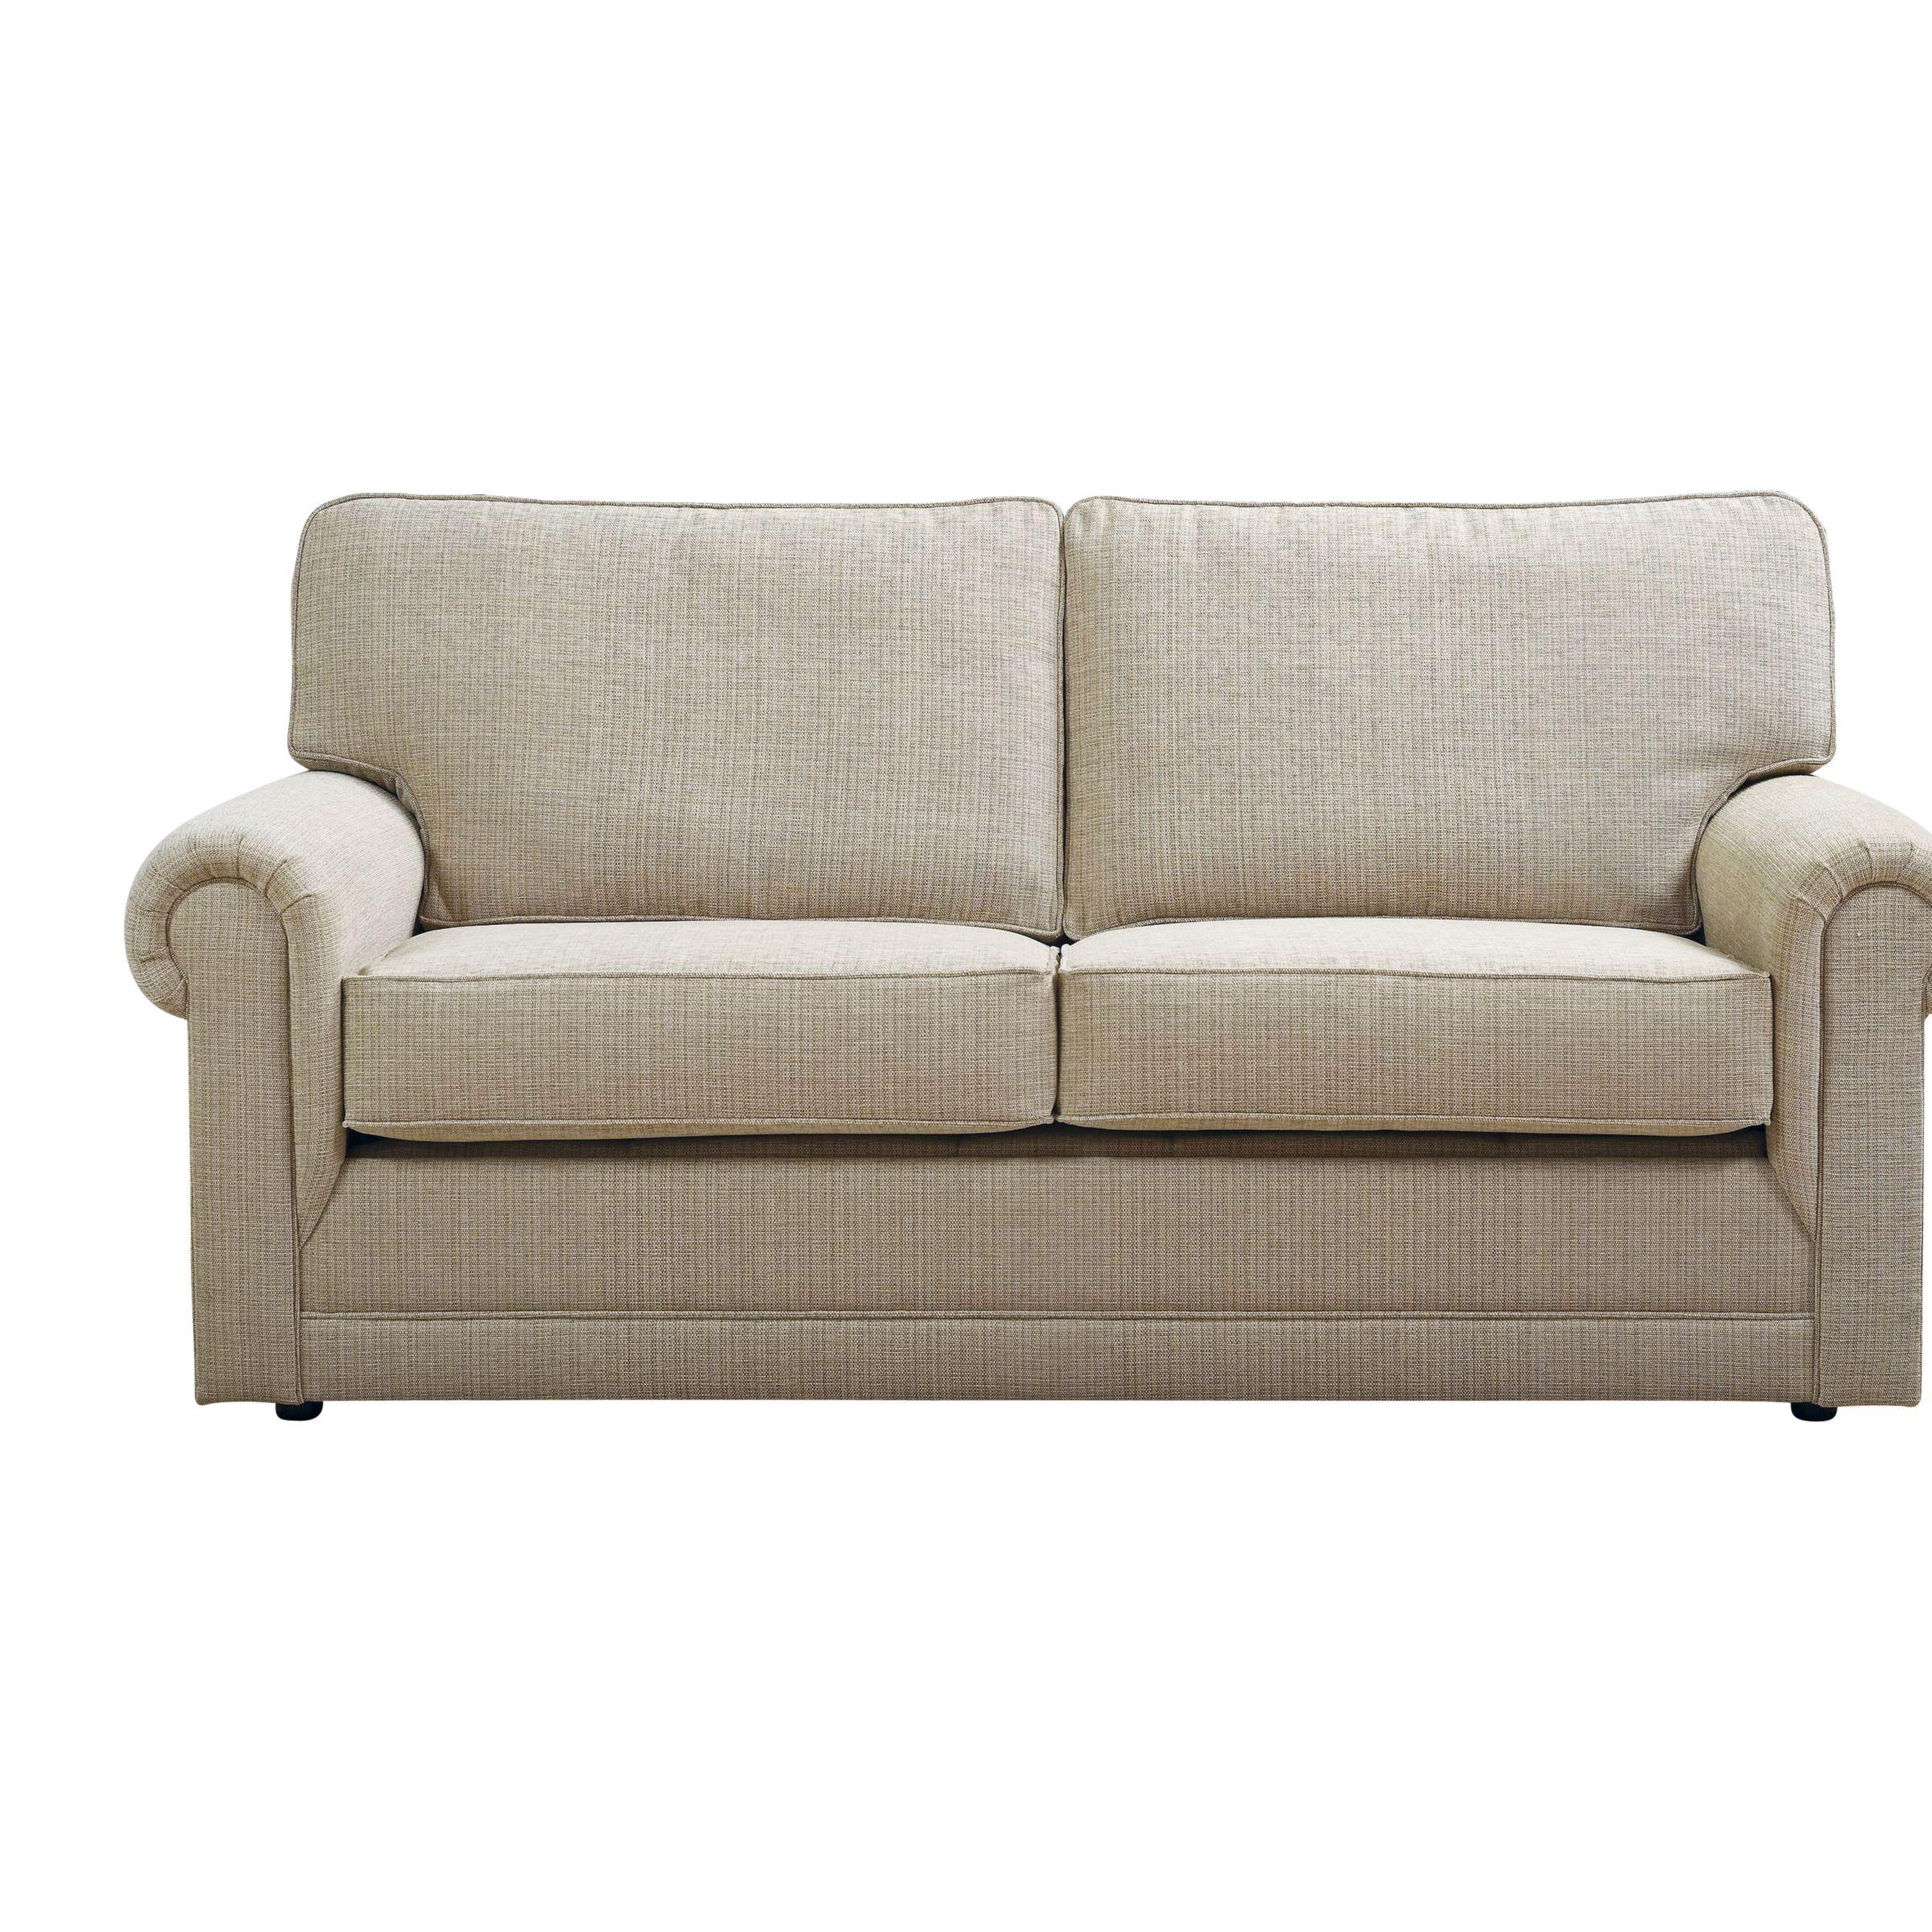 John Lewis Elgar Large Sofa Bed With Memory Foam Review